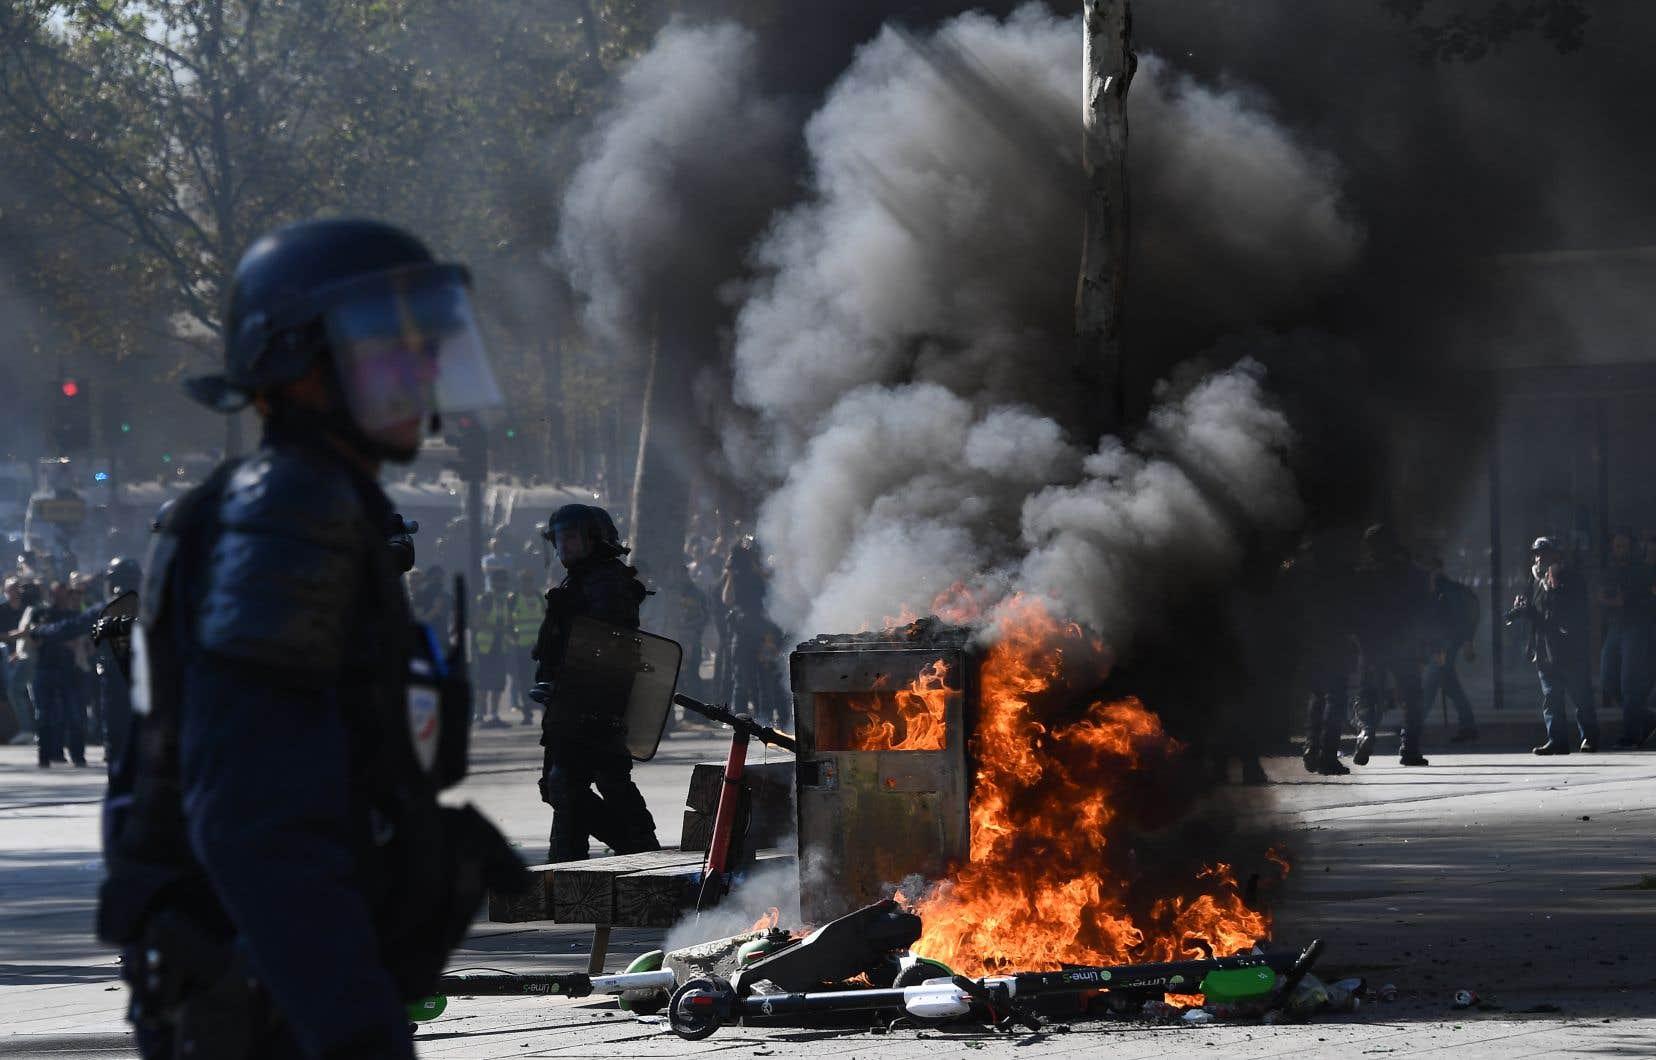 Selon le décompte des autorités à 14h, environ 9600 «gilets jaunes»manifestaient en France, dont 6700 à Paris, des chiffres en hausse par rapport à la semaine précédente.